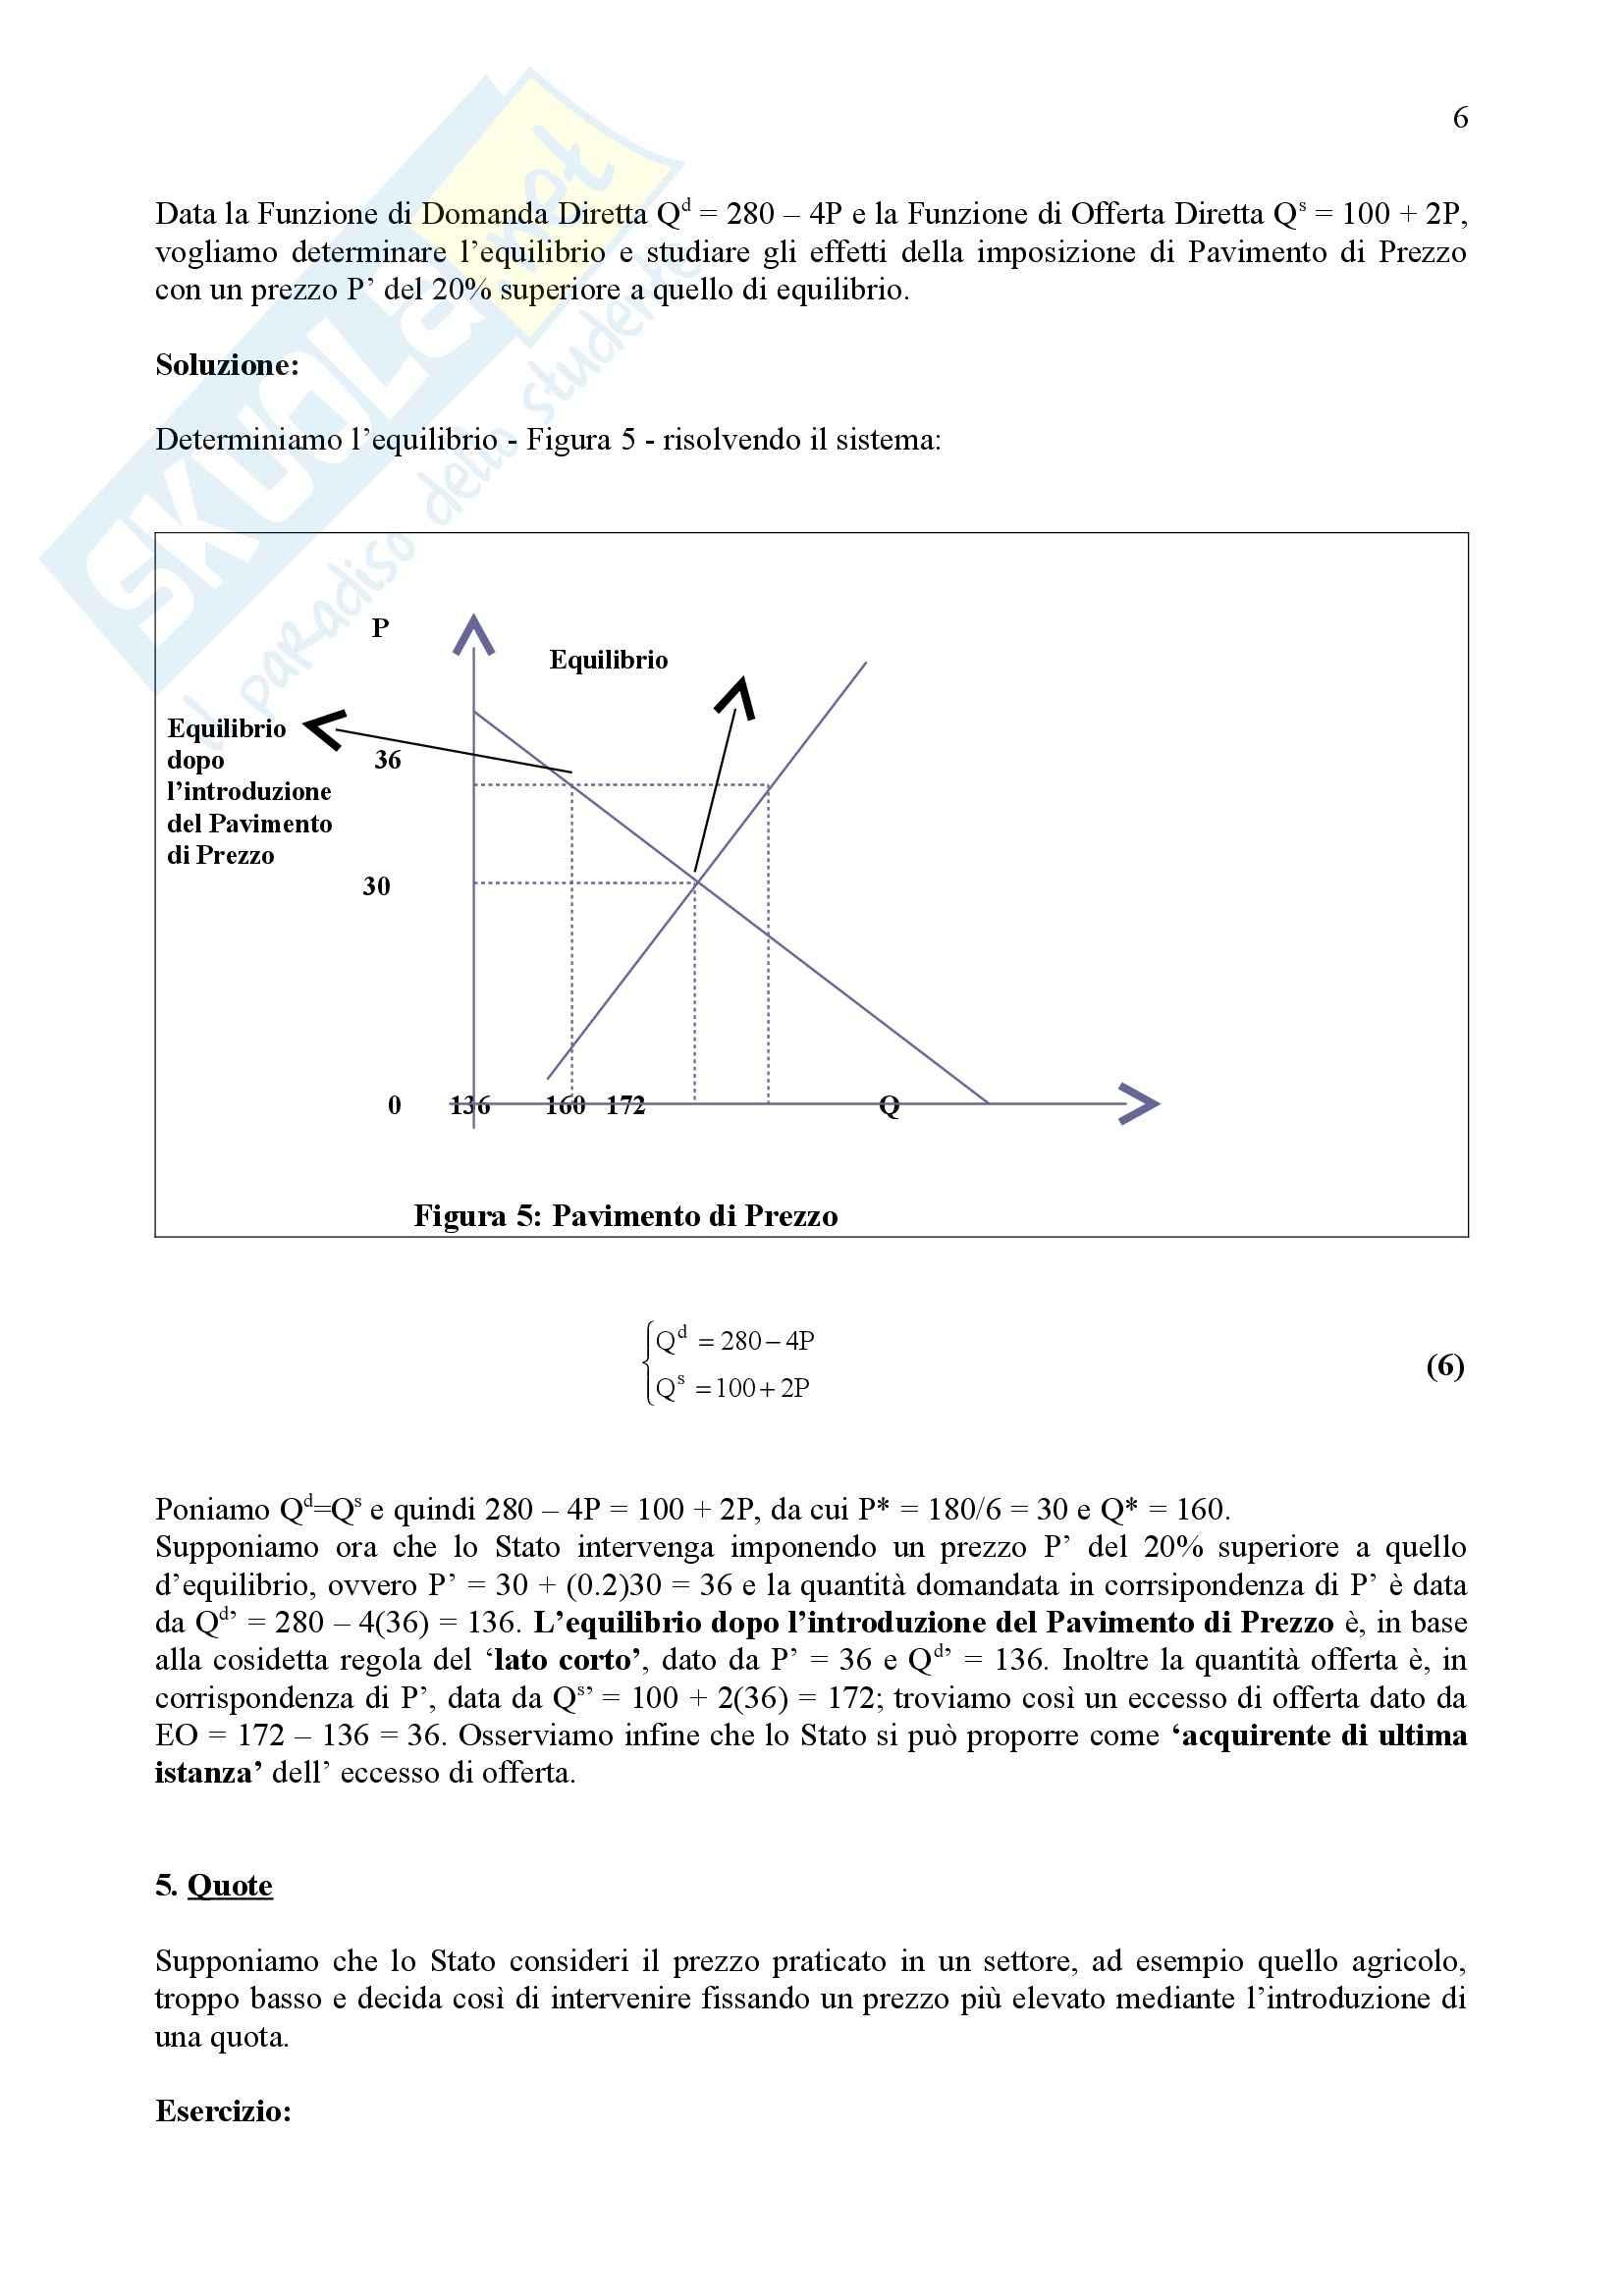 Microeconomia - Esercitazioni Pag. 6